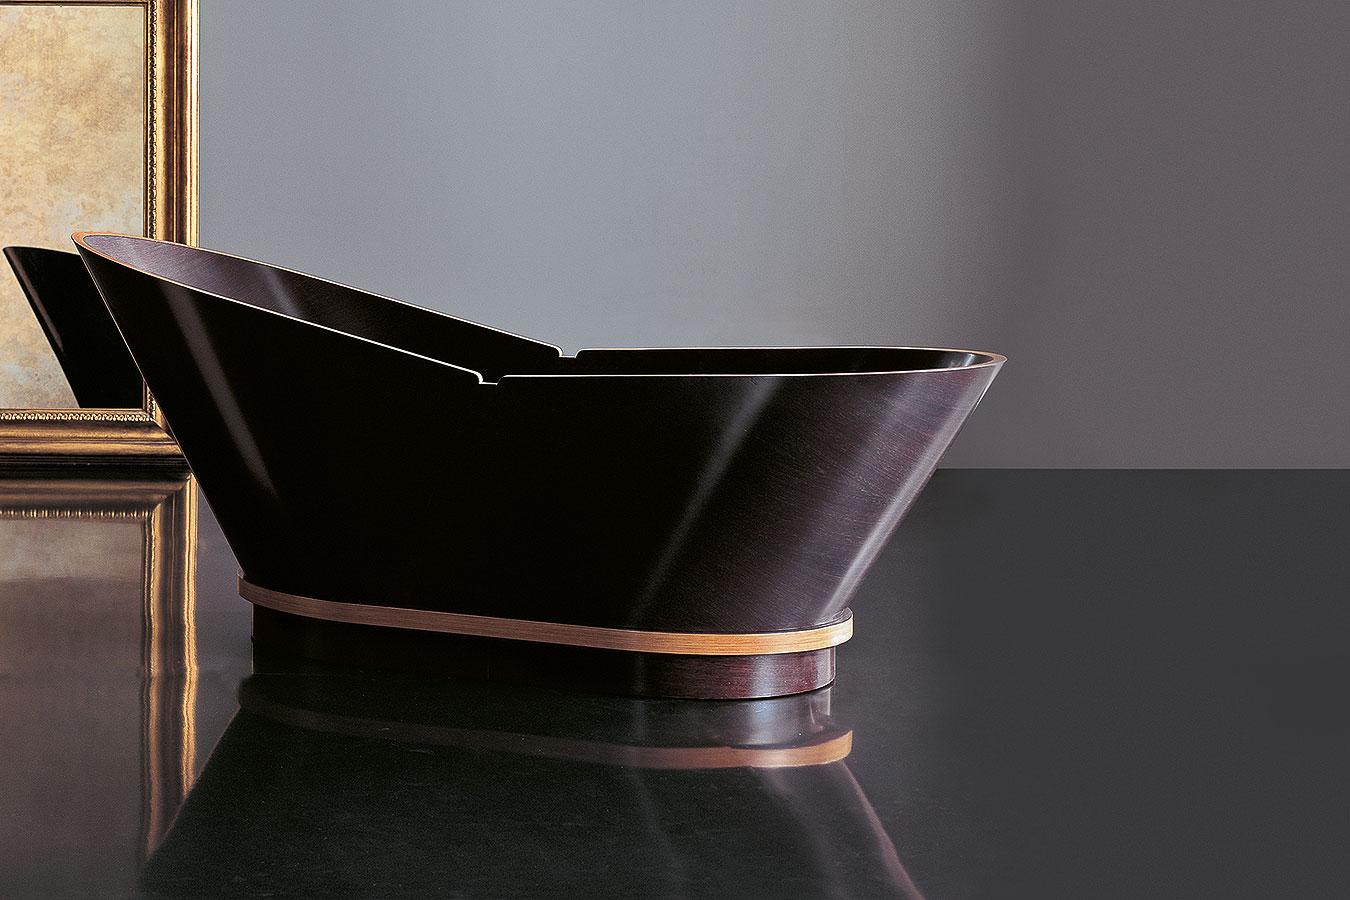 Vasca Da Bagno Treesse : Treesse vasche vasche da bagno edilceramiche di maccanò